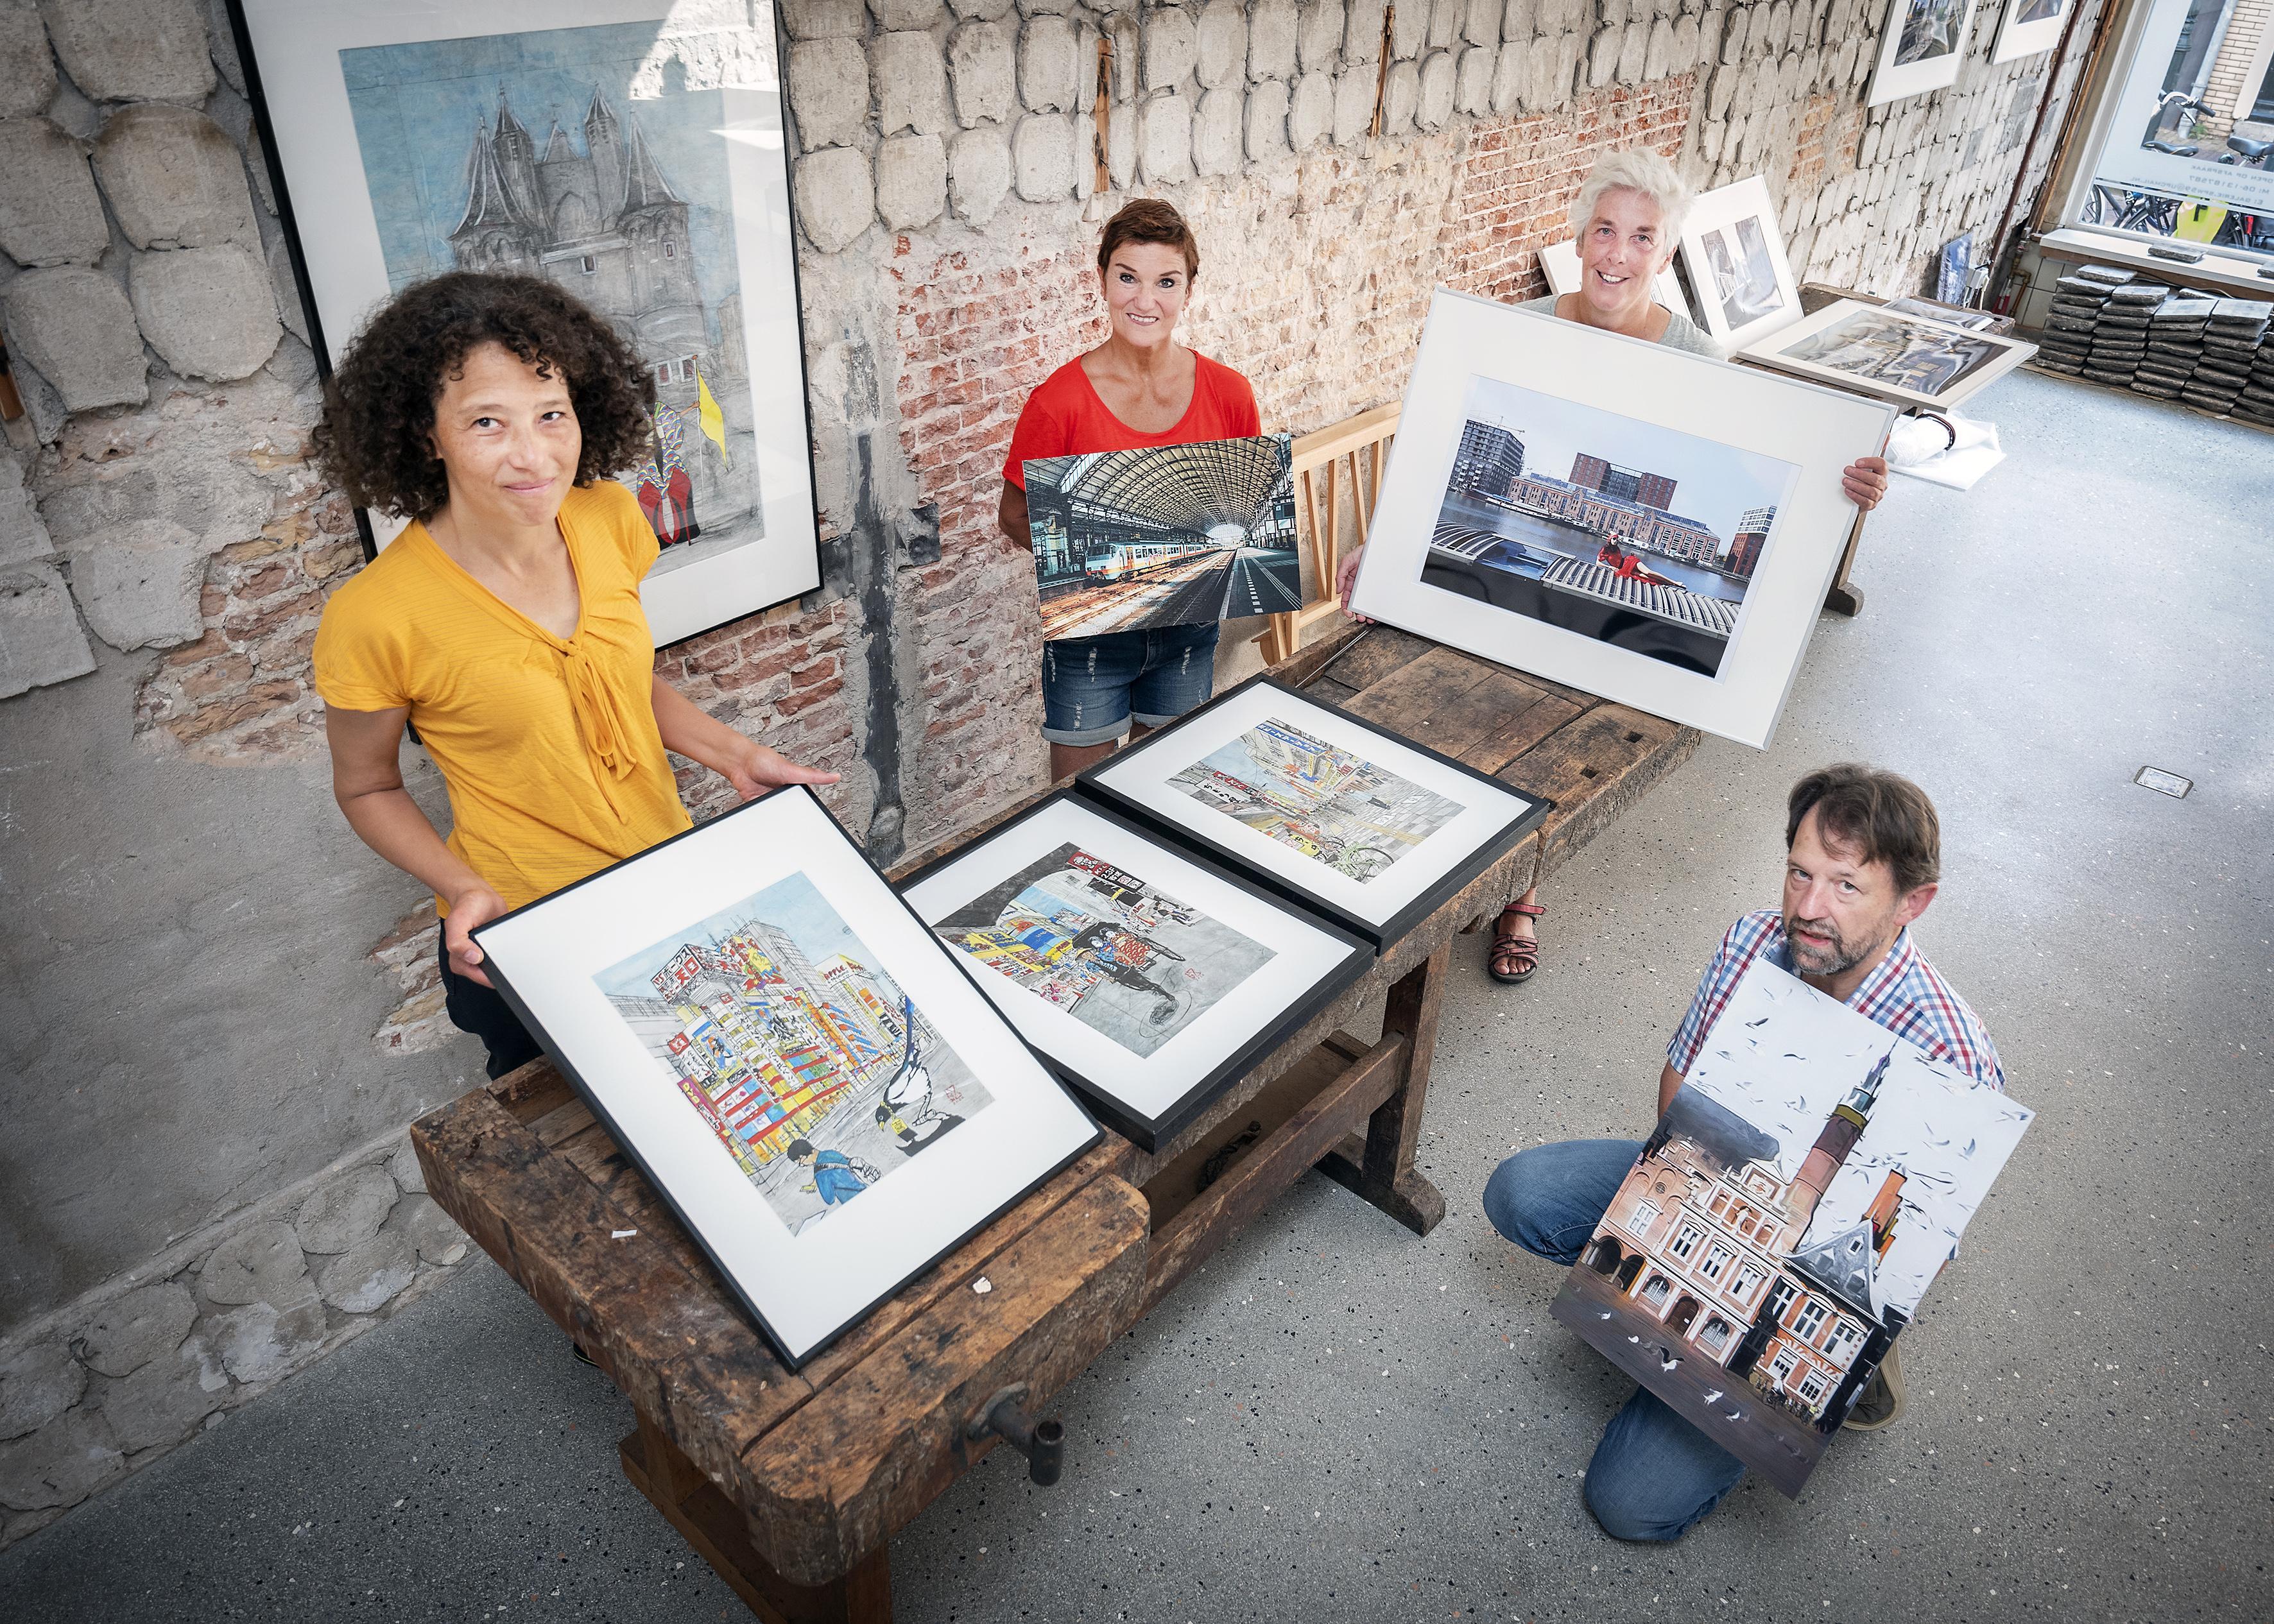 Galerie SPW59 en De Waag tonen de stilte in de stad, met dank aan corona (en de kunstenaars)